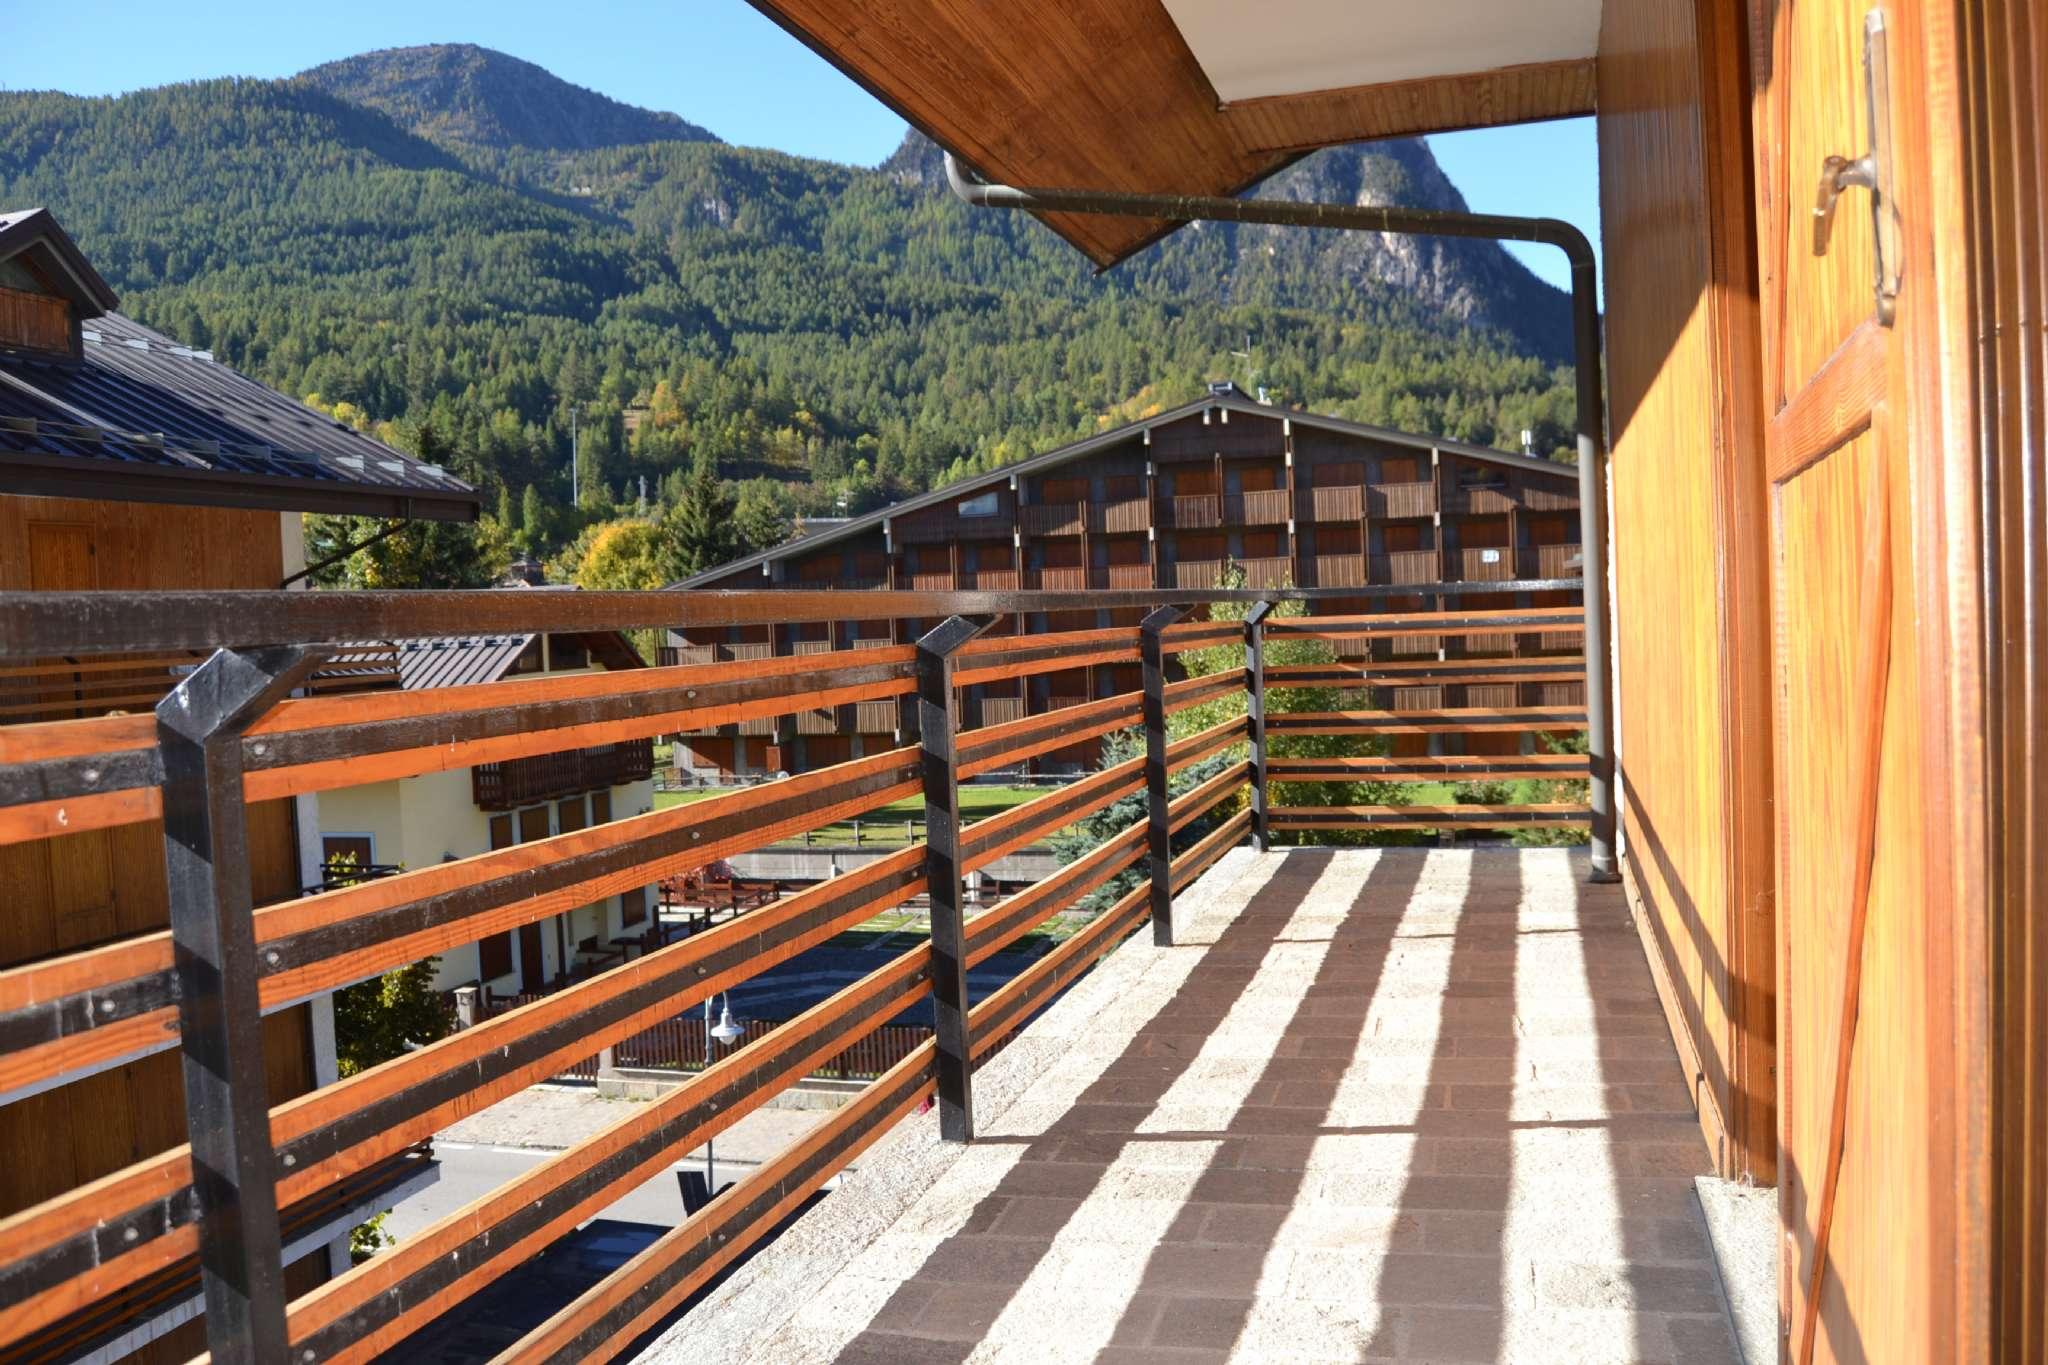 Appartamento in vendita a Cesana Torinese, 2 locali, prezzo € 138.000 | CambioCasa.it